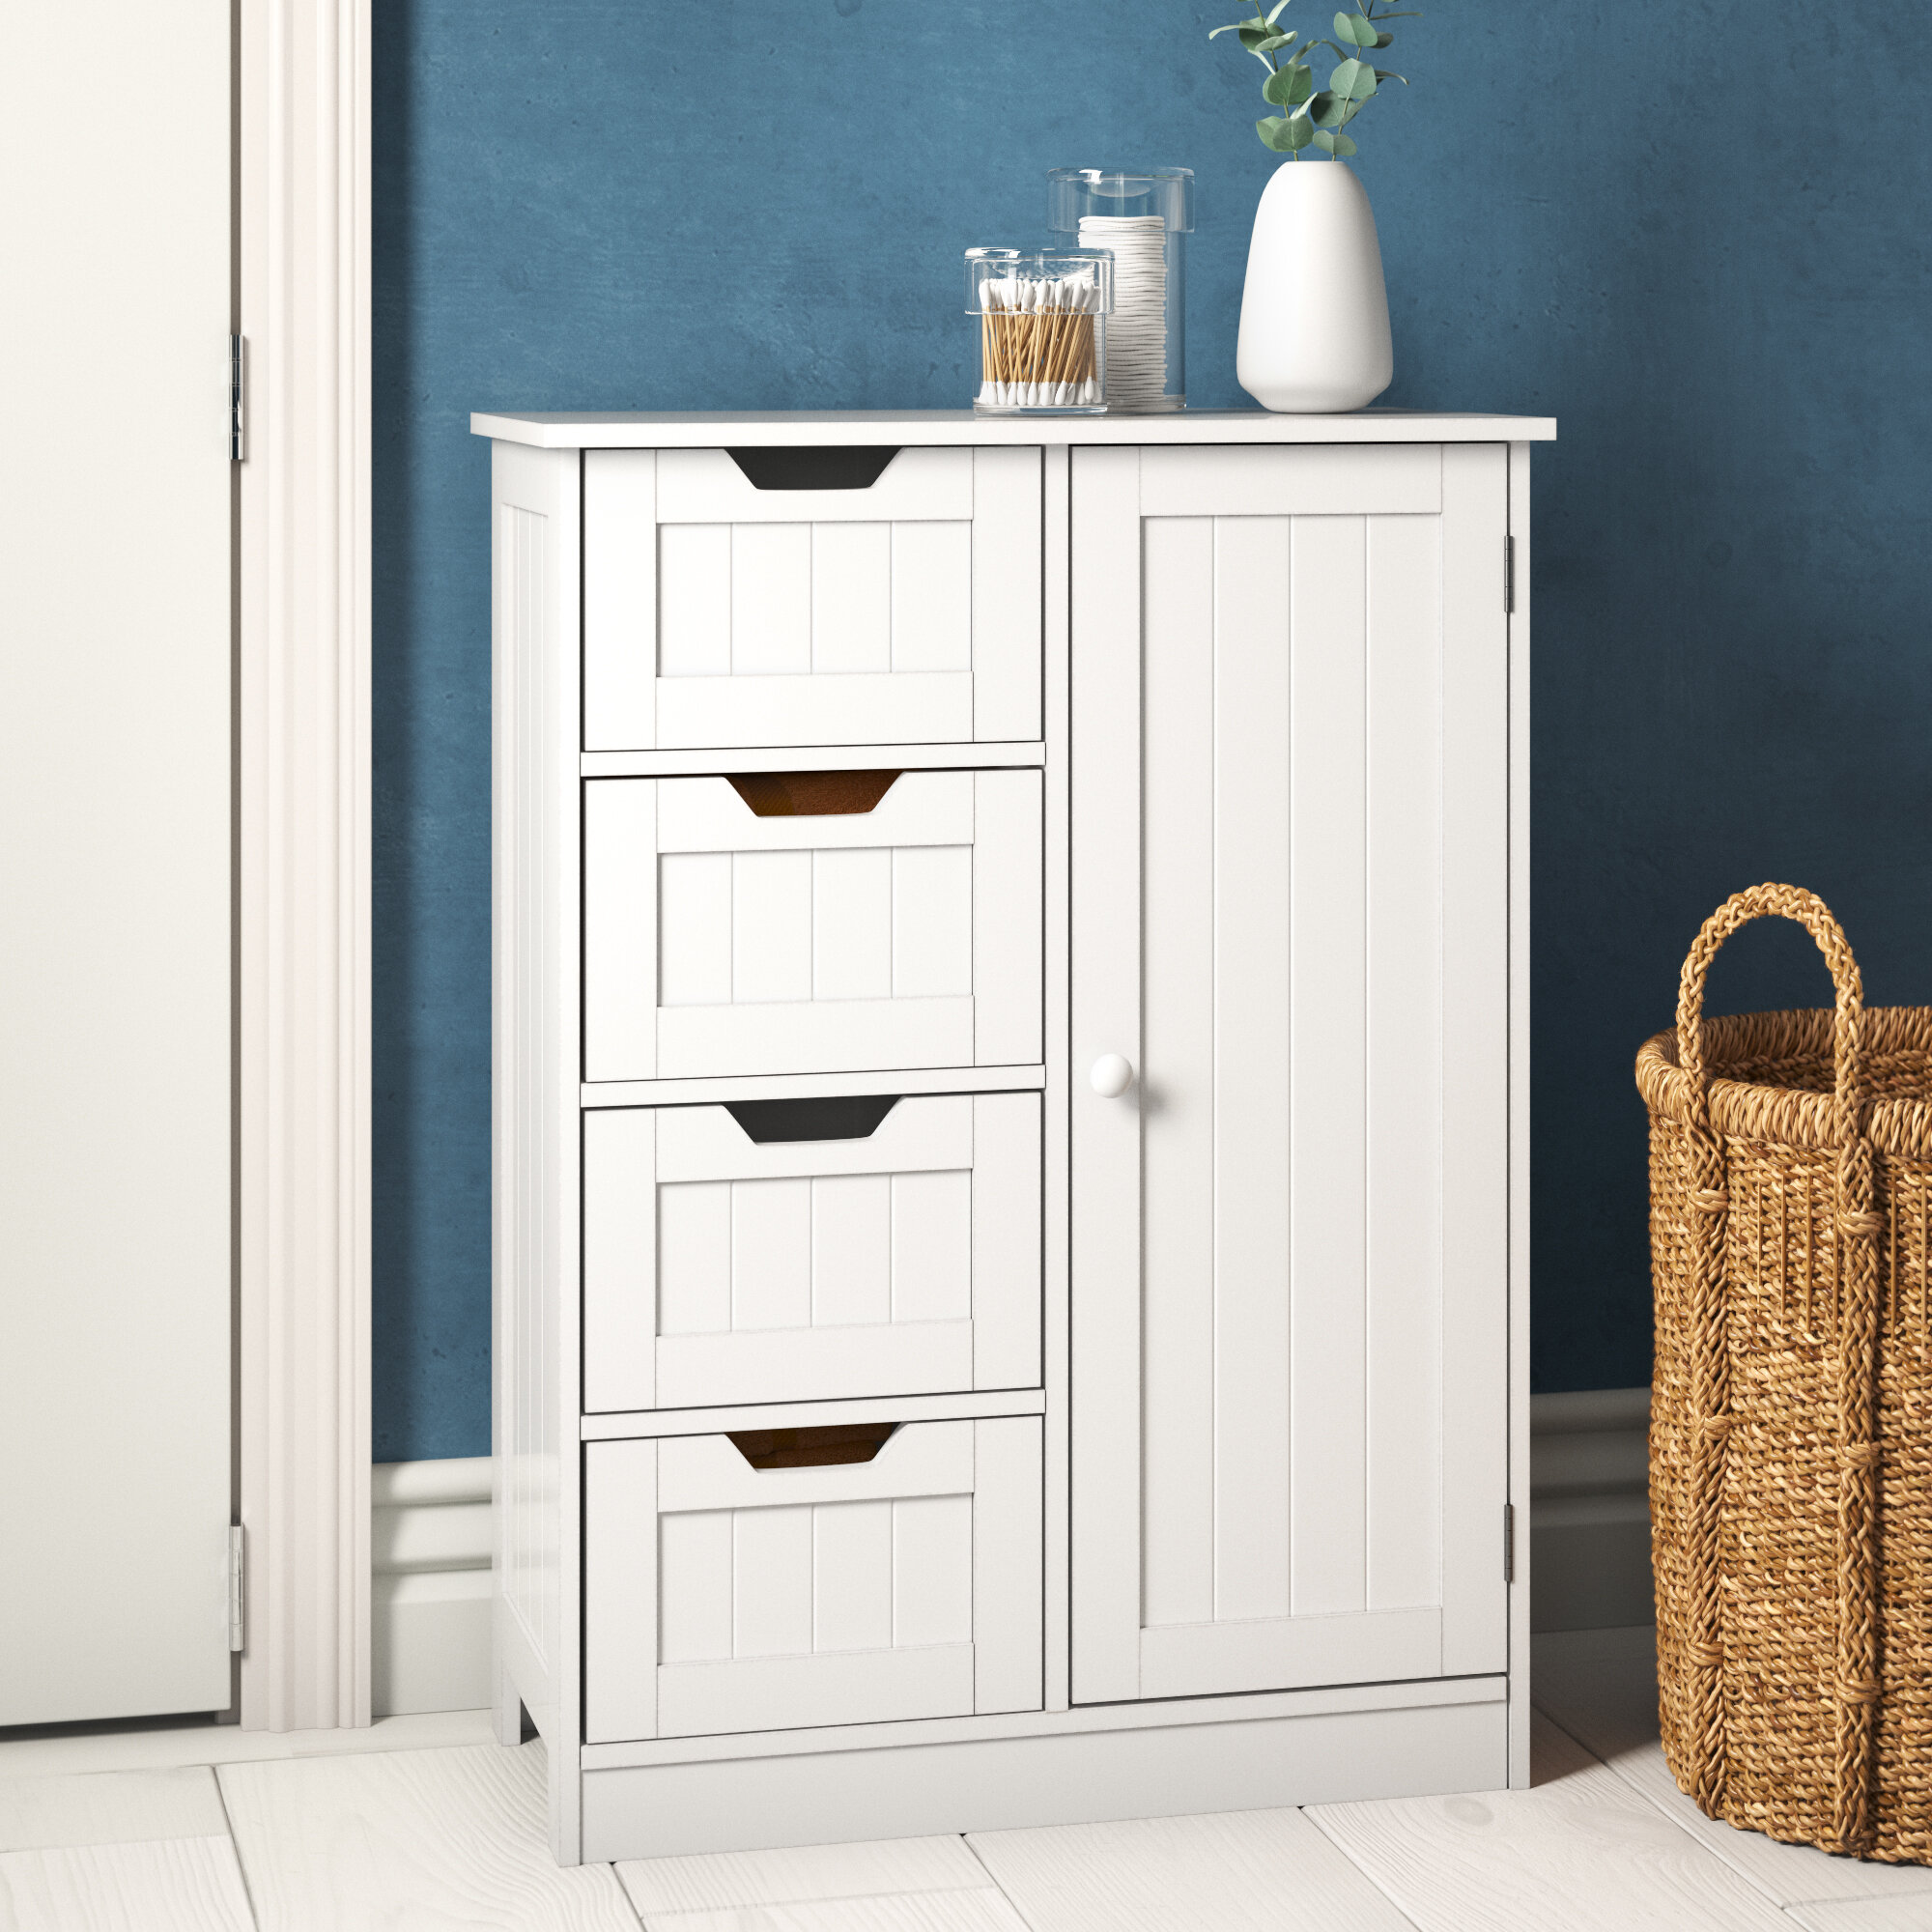 Aniya 3cm x 3cm Free-Standing Cabinet